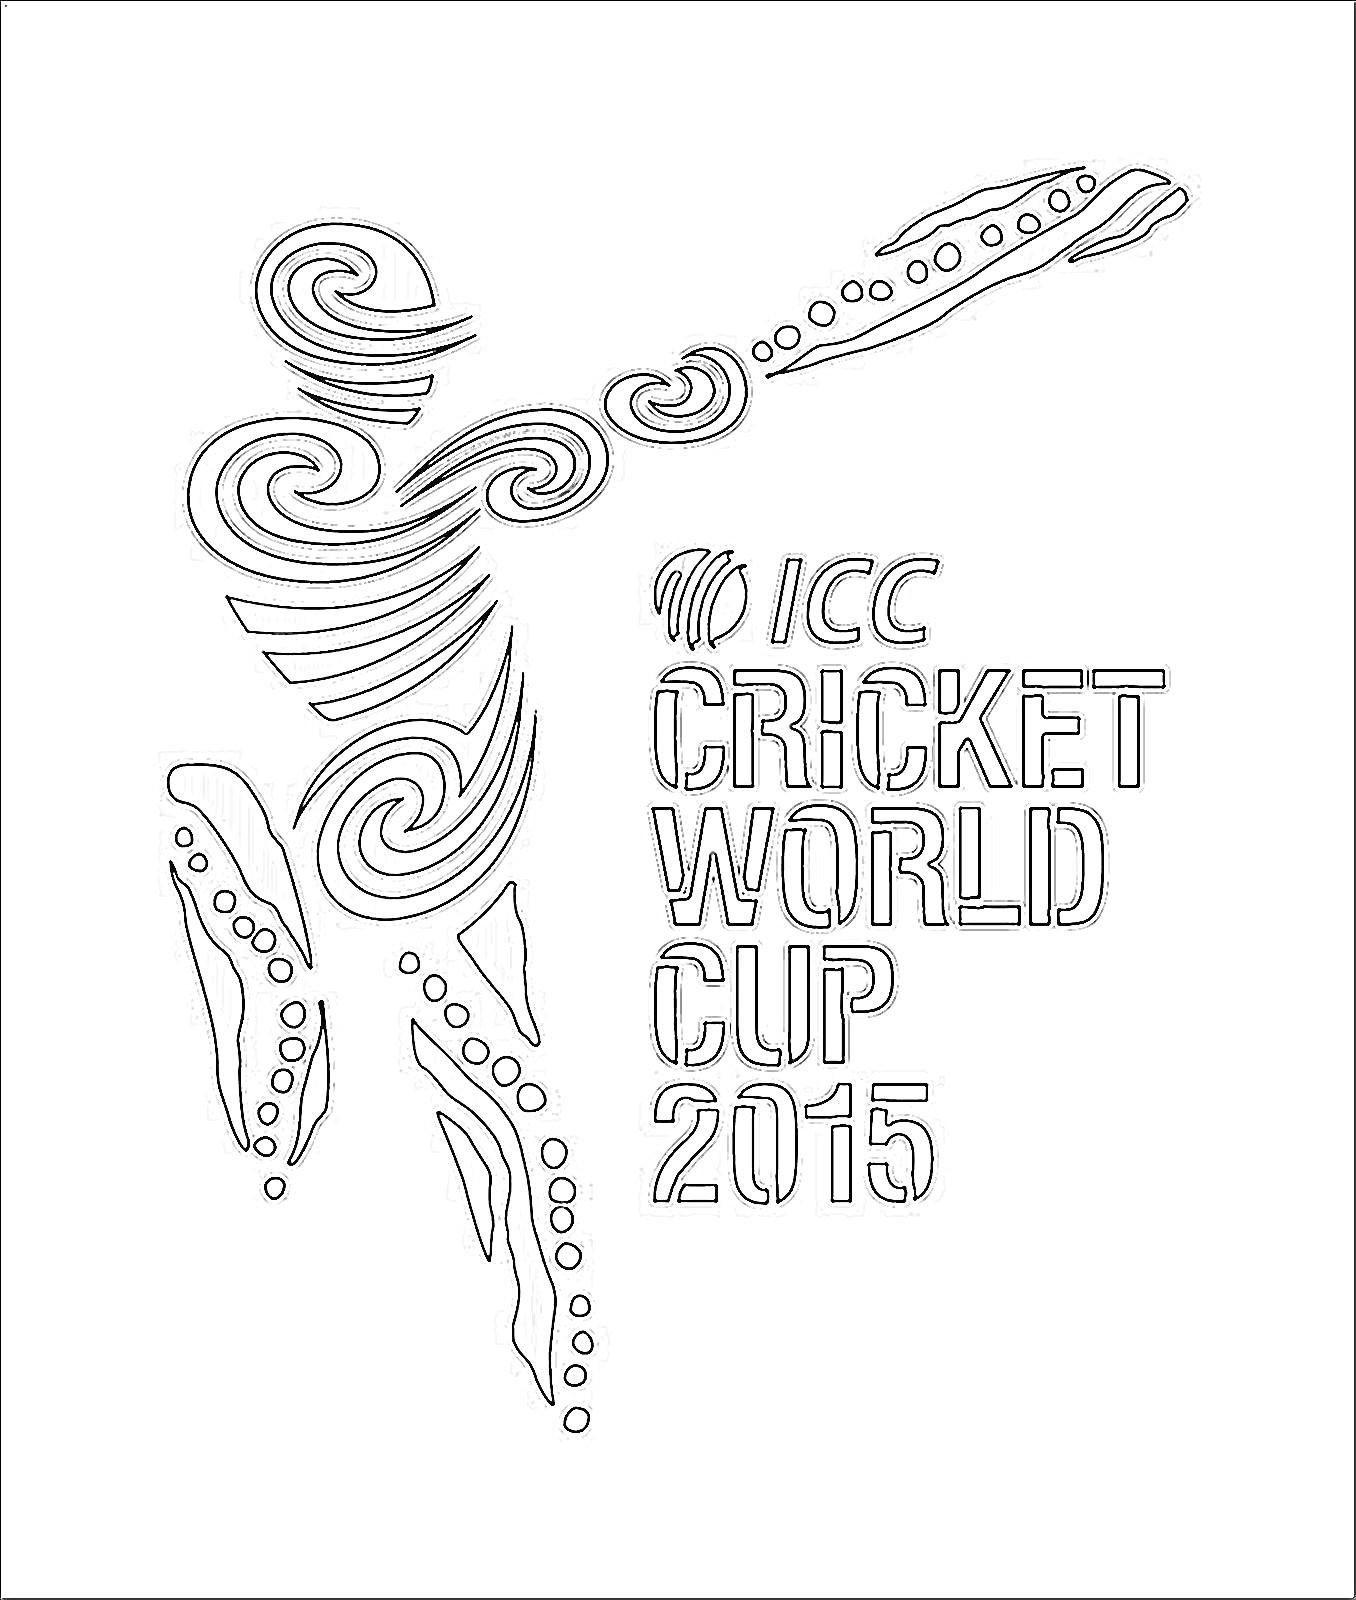 CricketWorldCup2015Logo Coloring